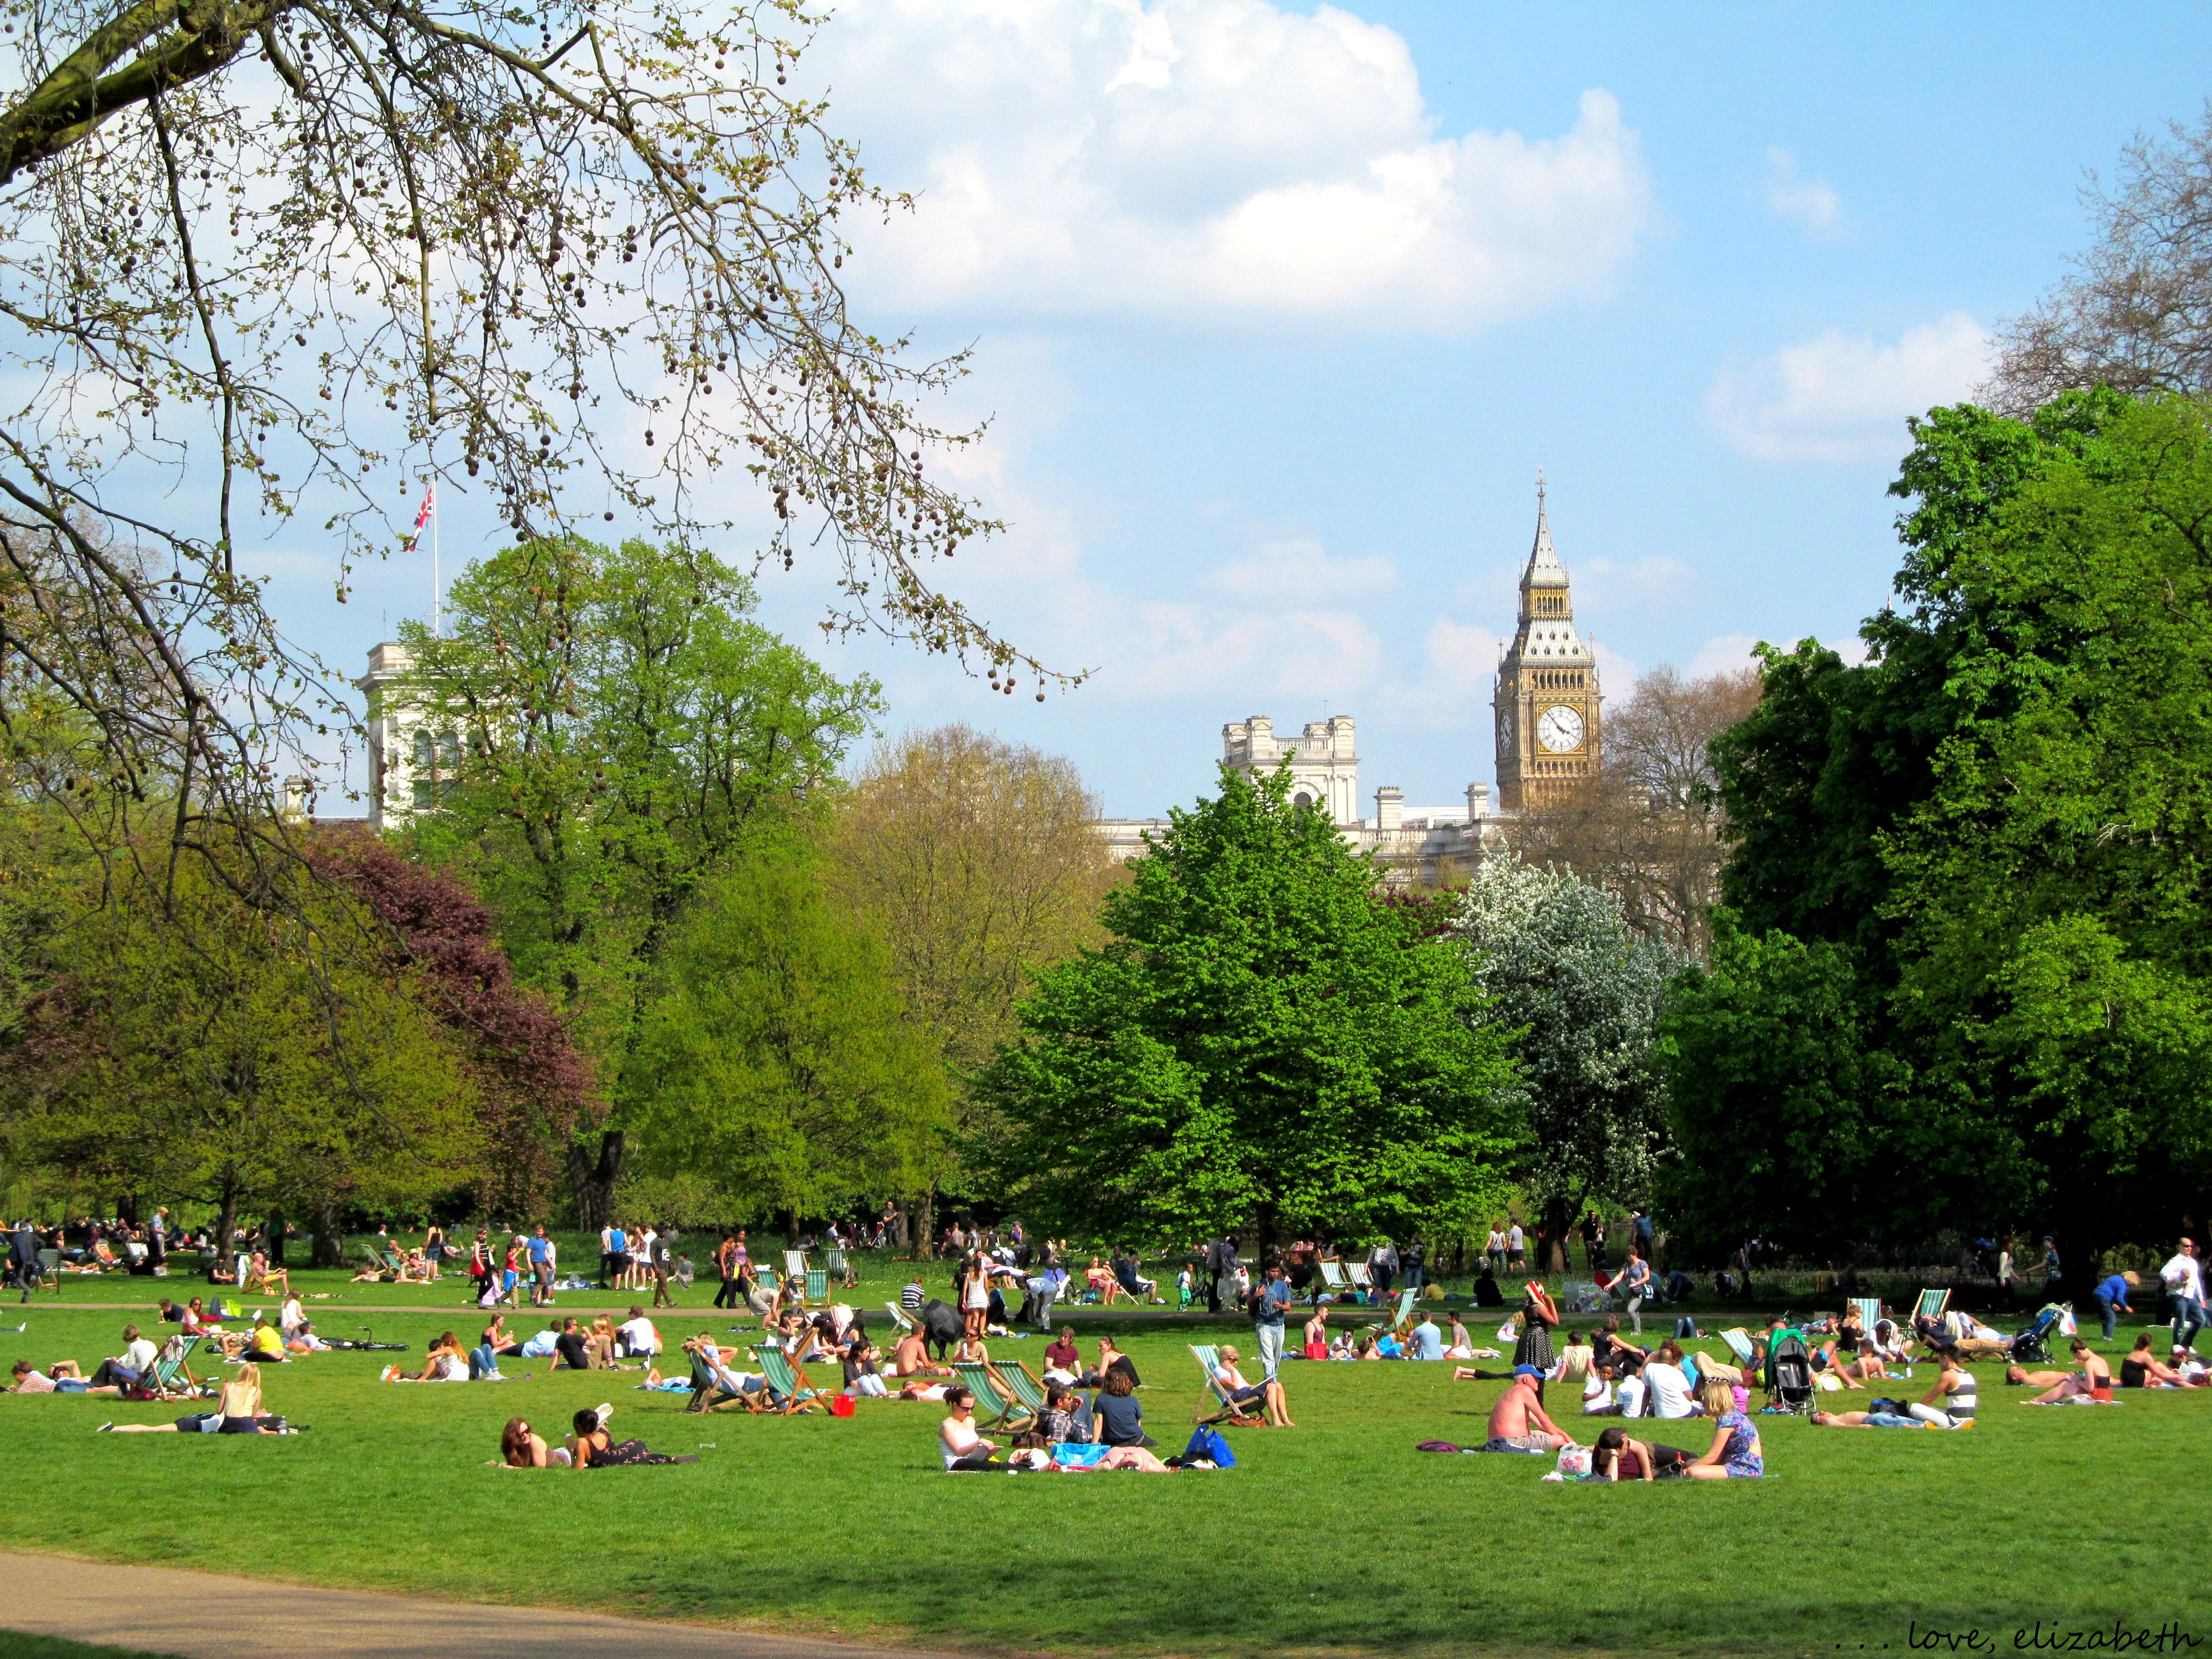 эстетичности оригинальности картинки с лондоном парки лондона рбк вопросом